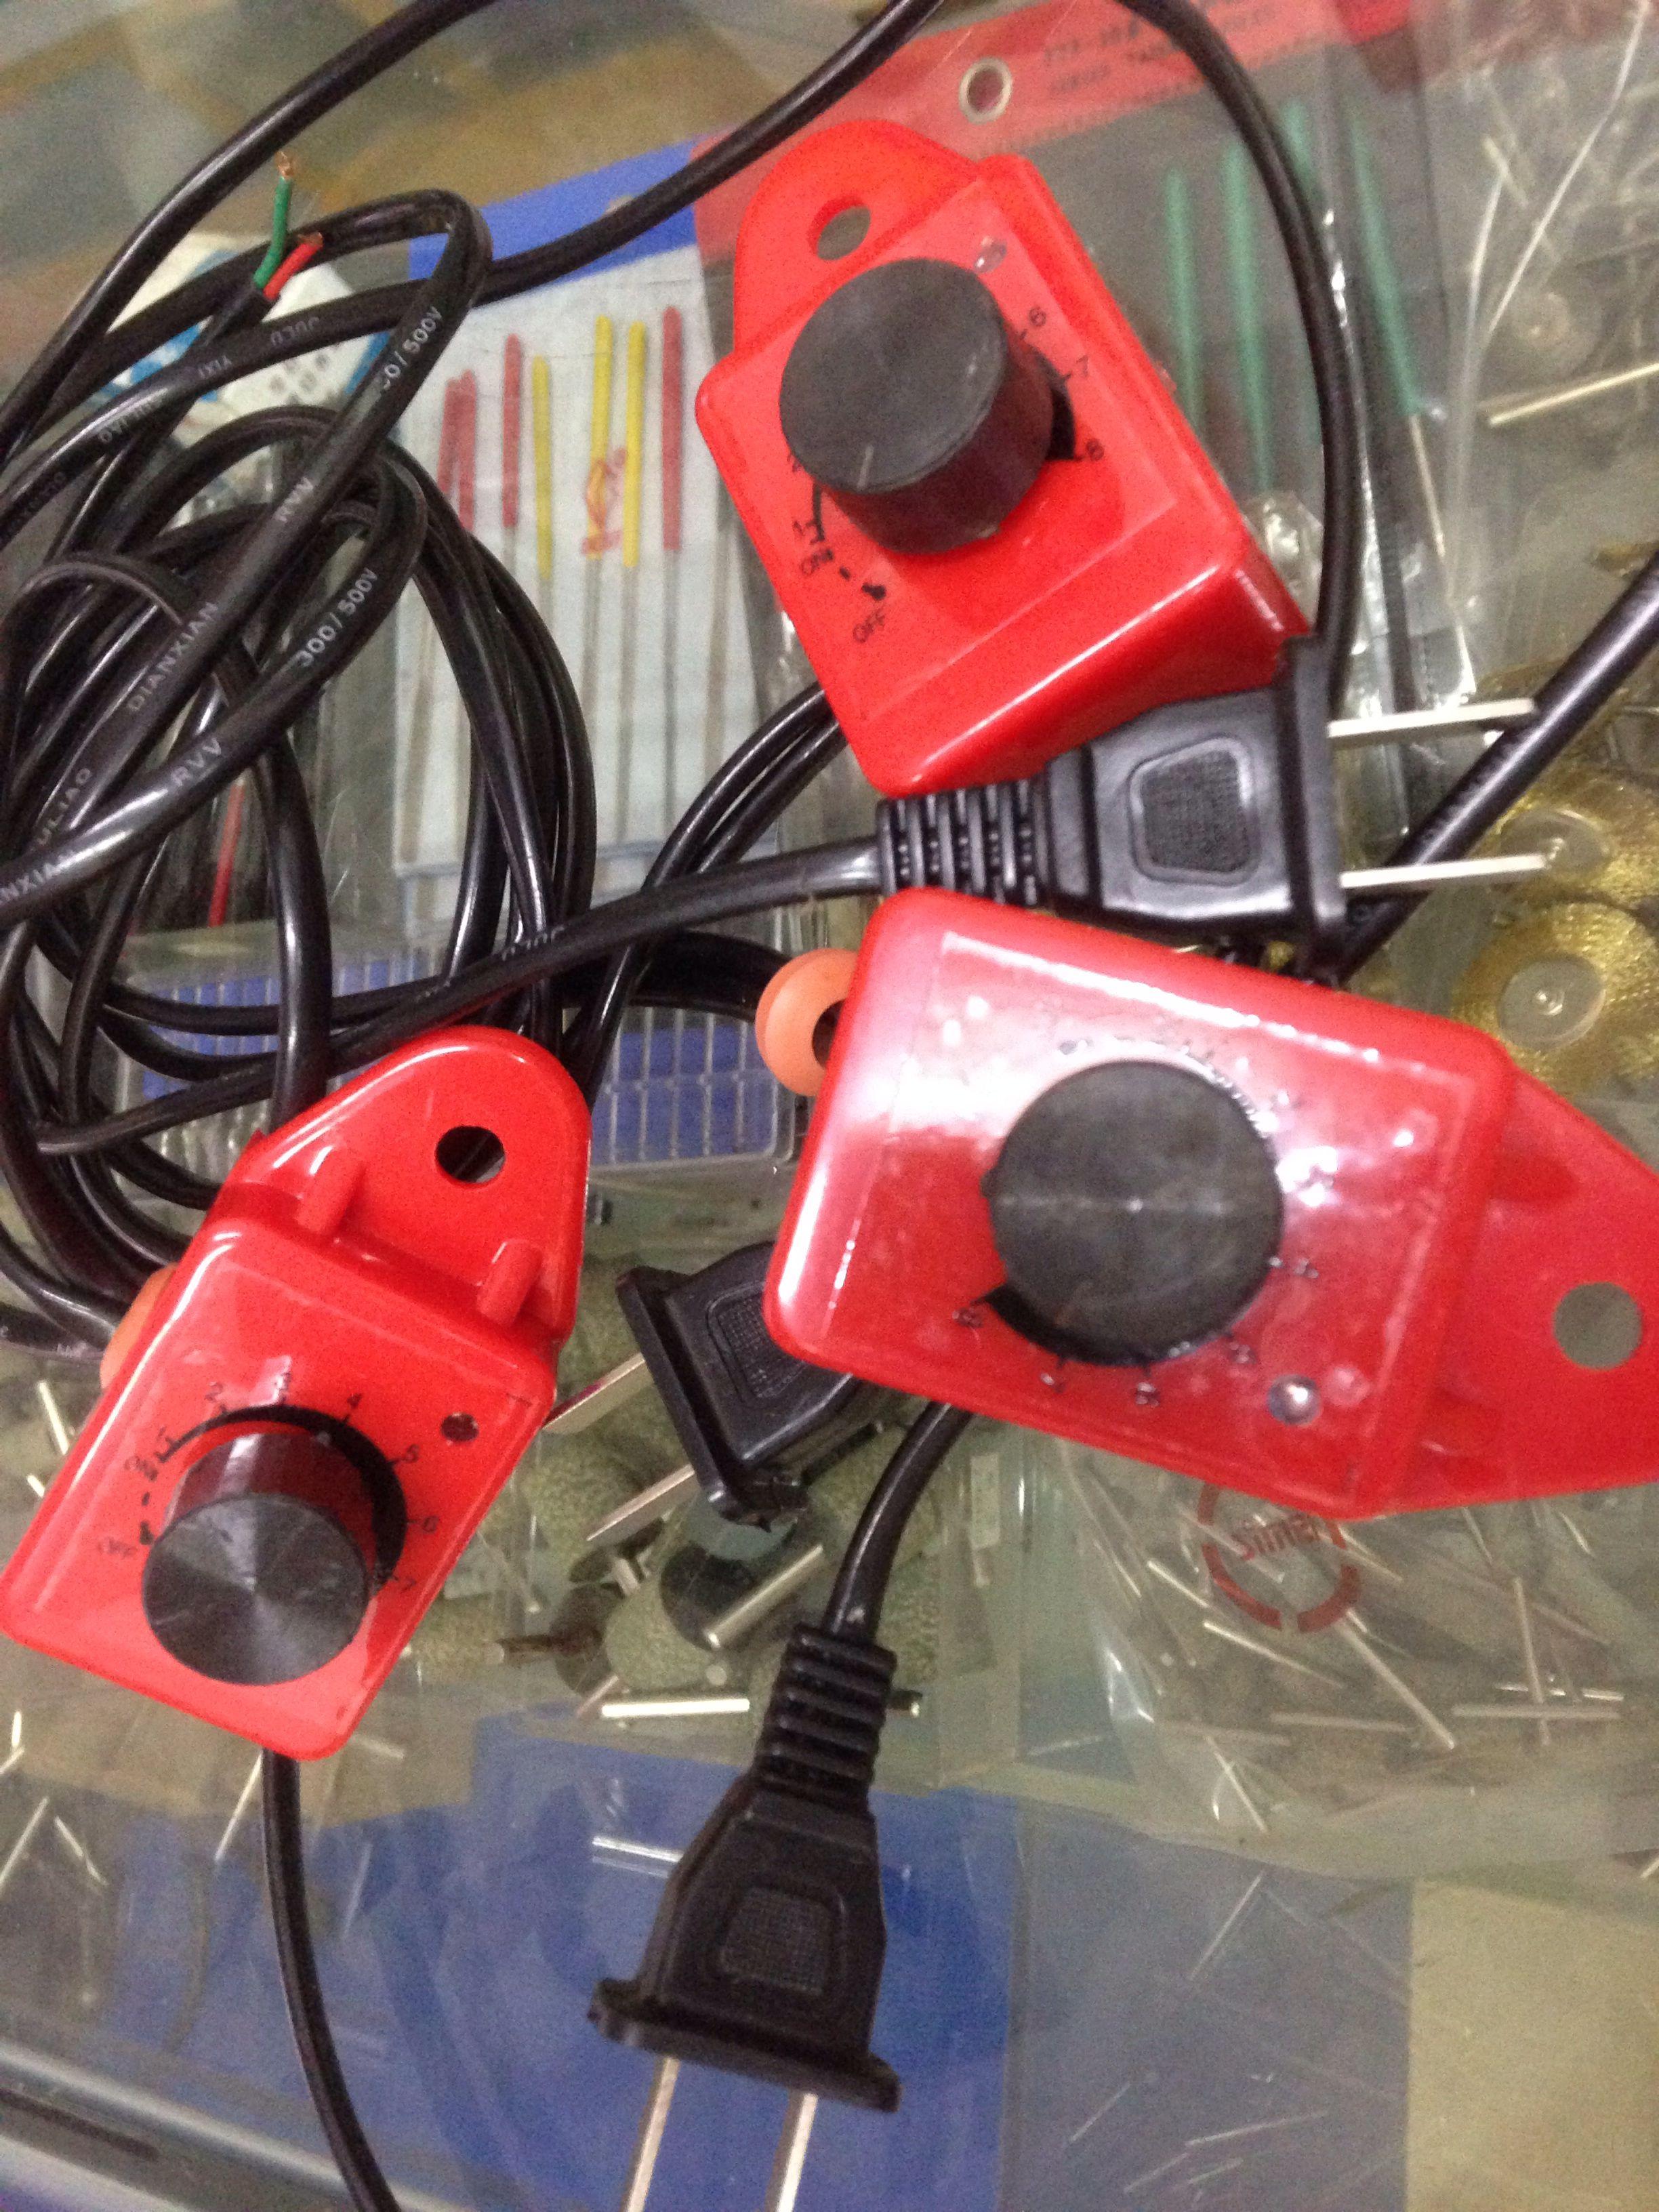 安利848红色微型钻床配件开关插头小台钻调速器台钻配件调速开关